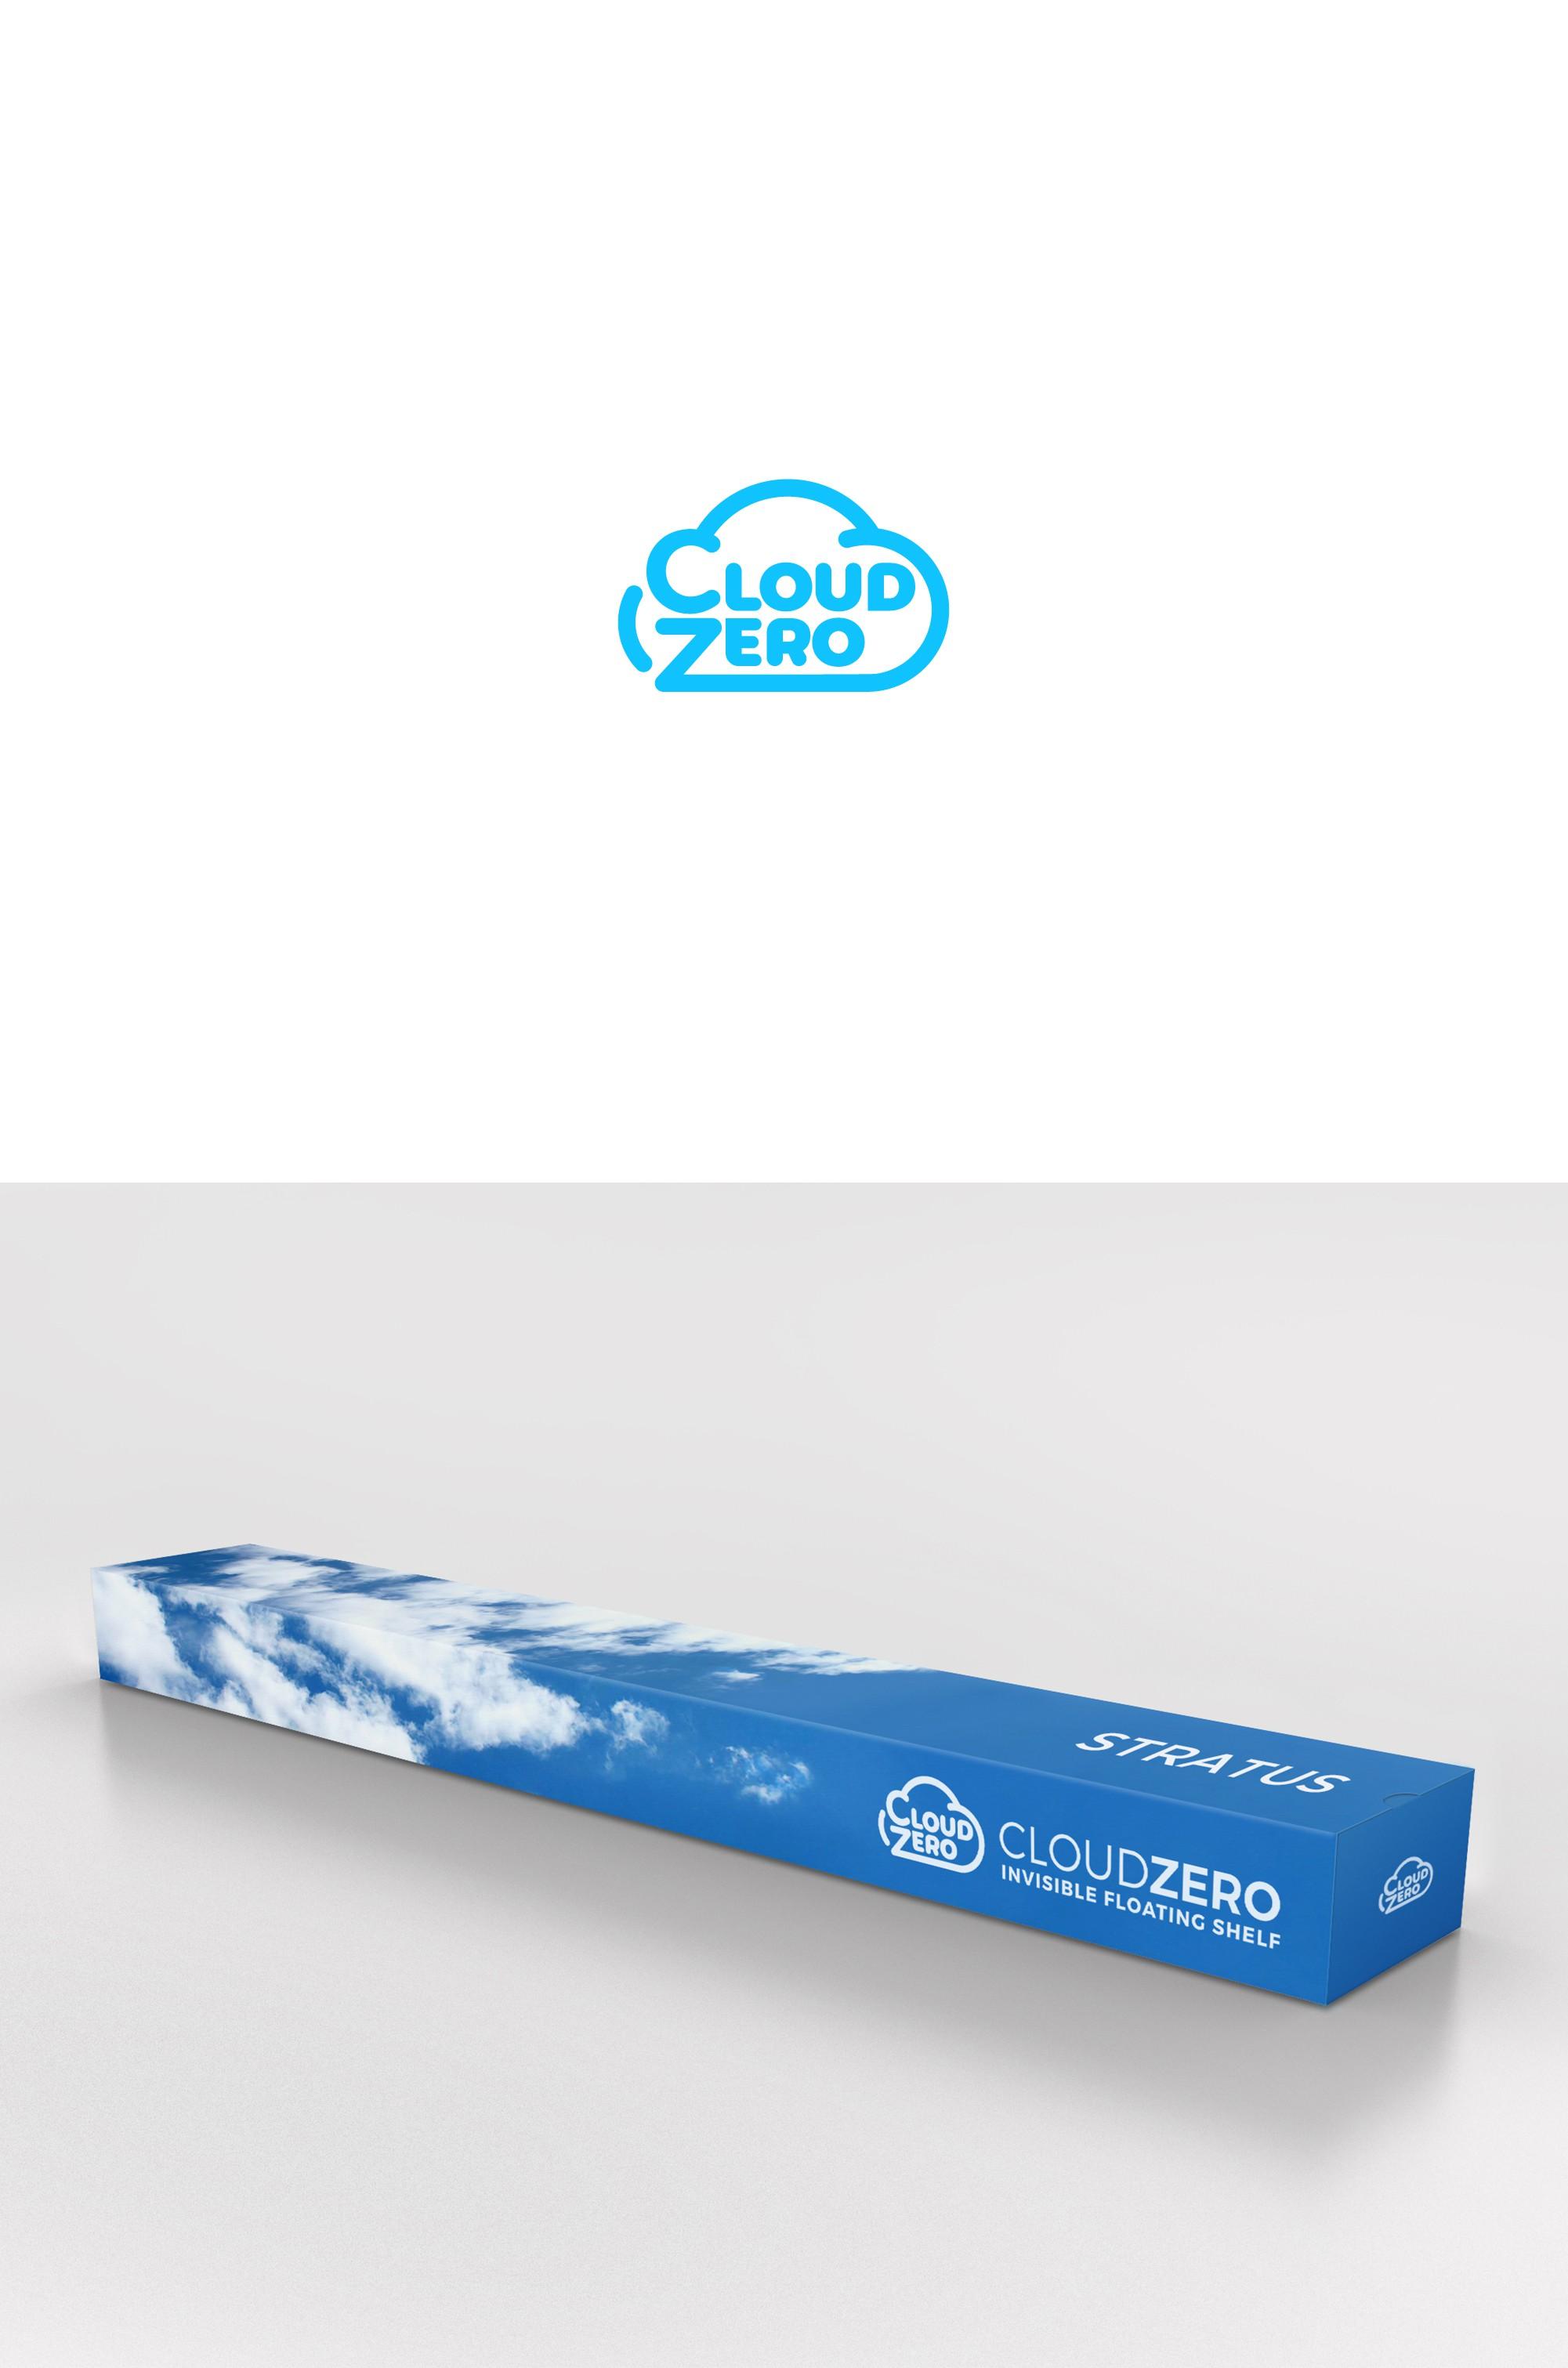 cloudzero shelving packaging